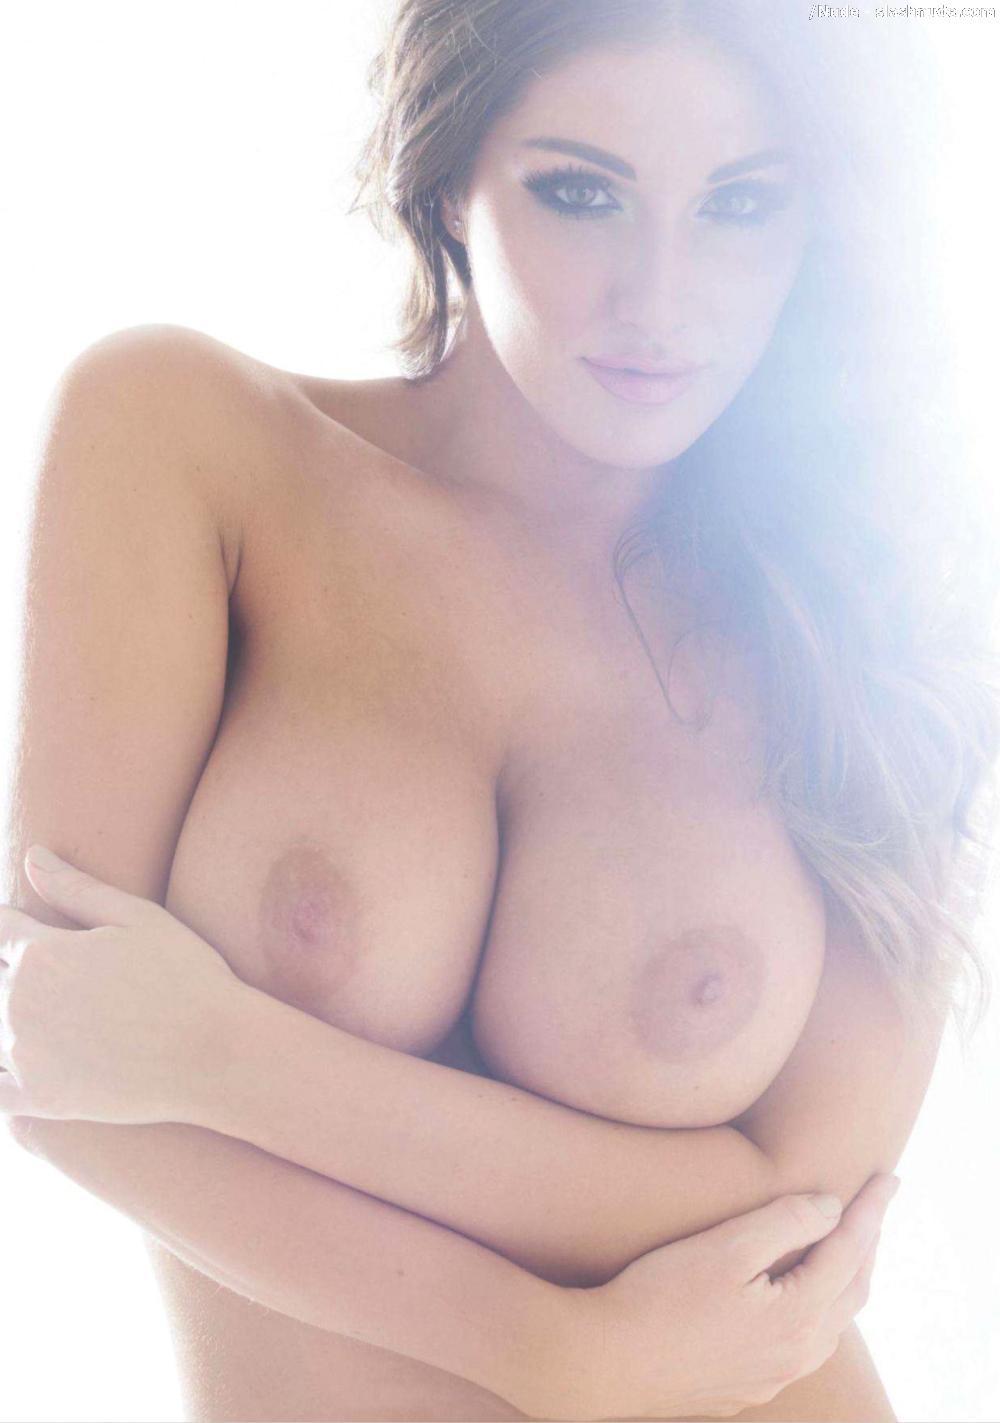 Full nude sexy nude boobs